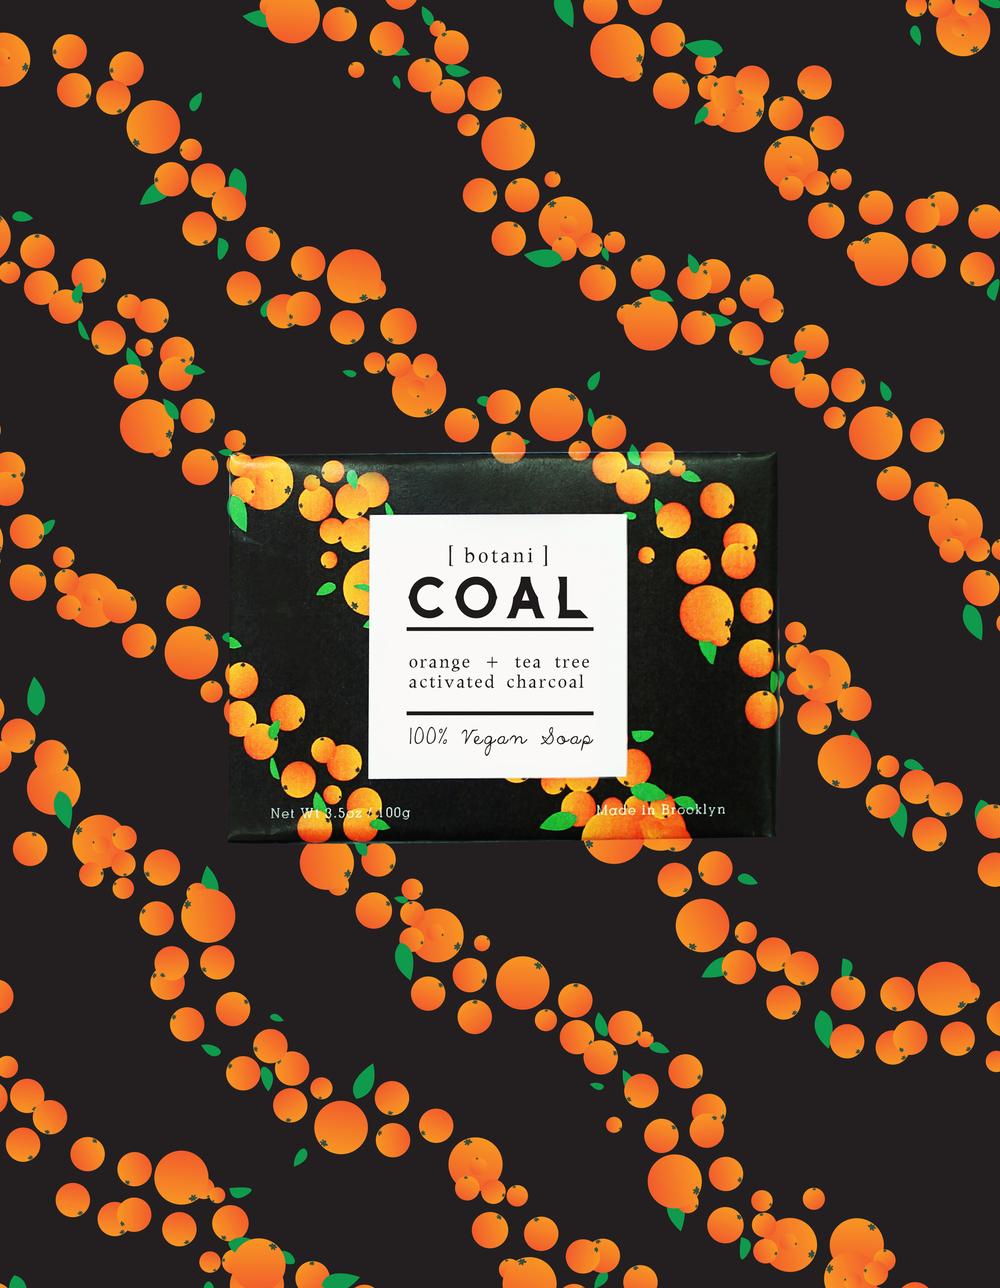 _COAL_2B.jpg